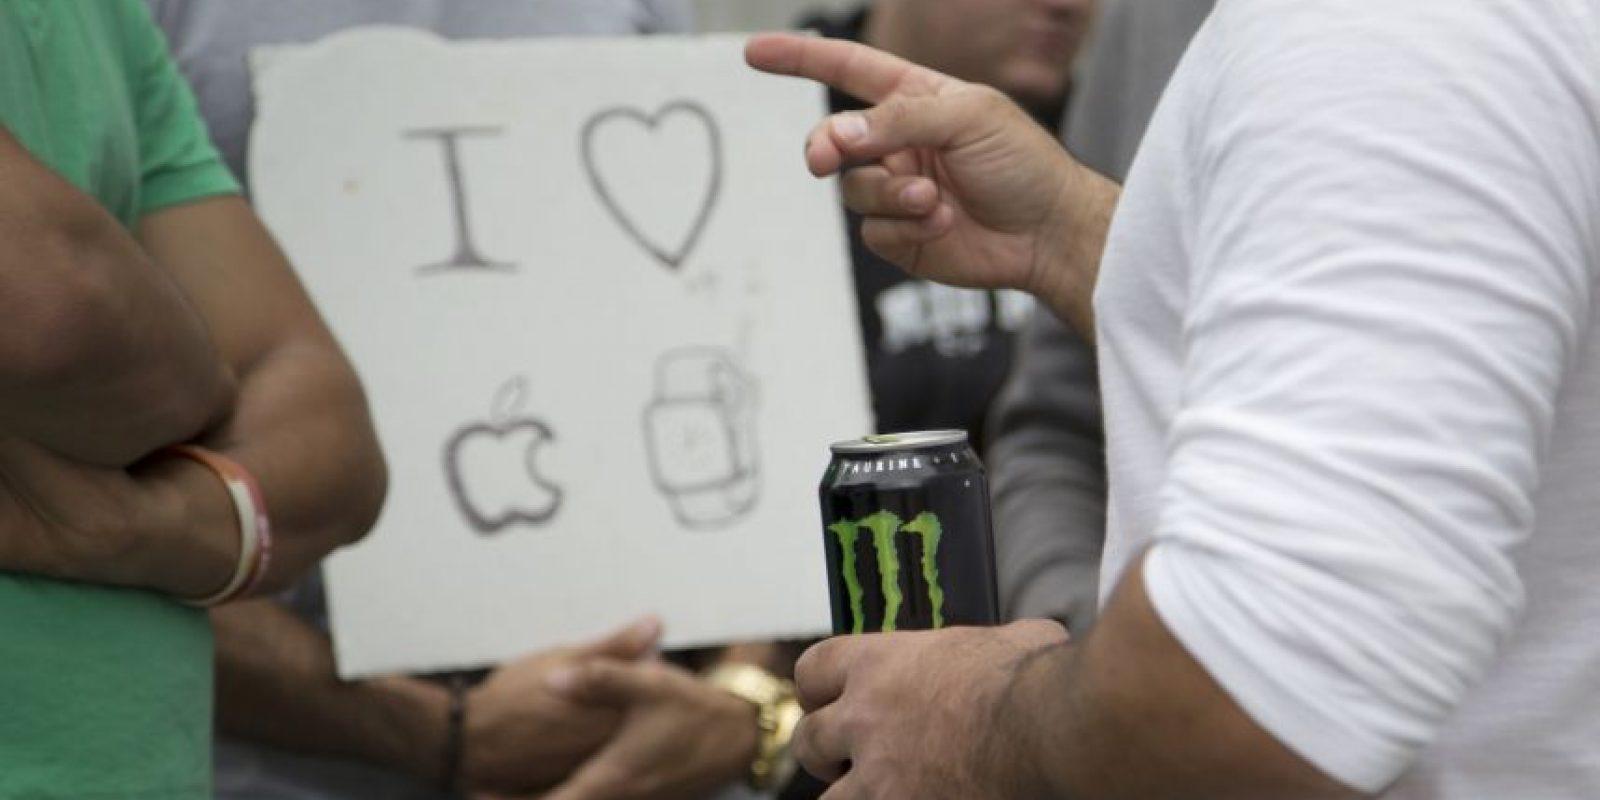 Manifestaciones de amor por el Apple Watch. Esto ocurrió en Los Ángeles, California, Estados Unidos. Foto:Getty Images